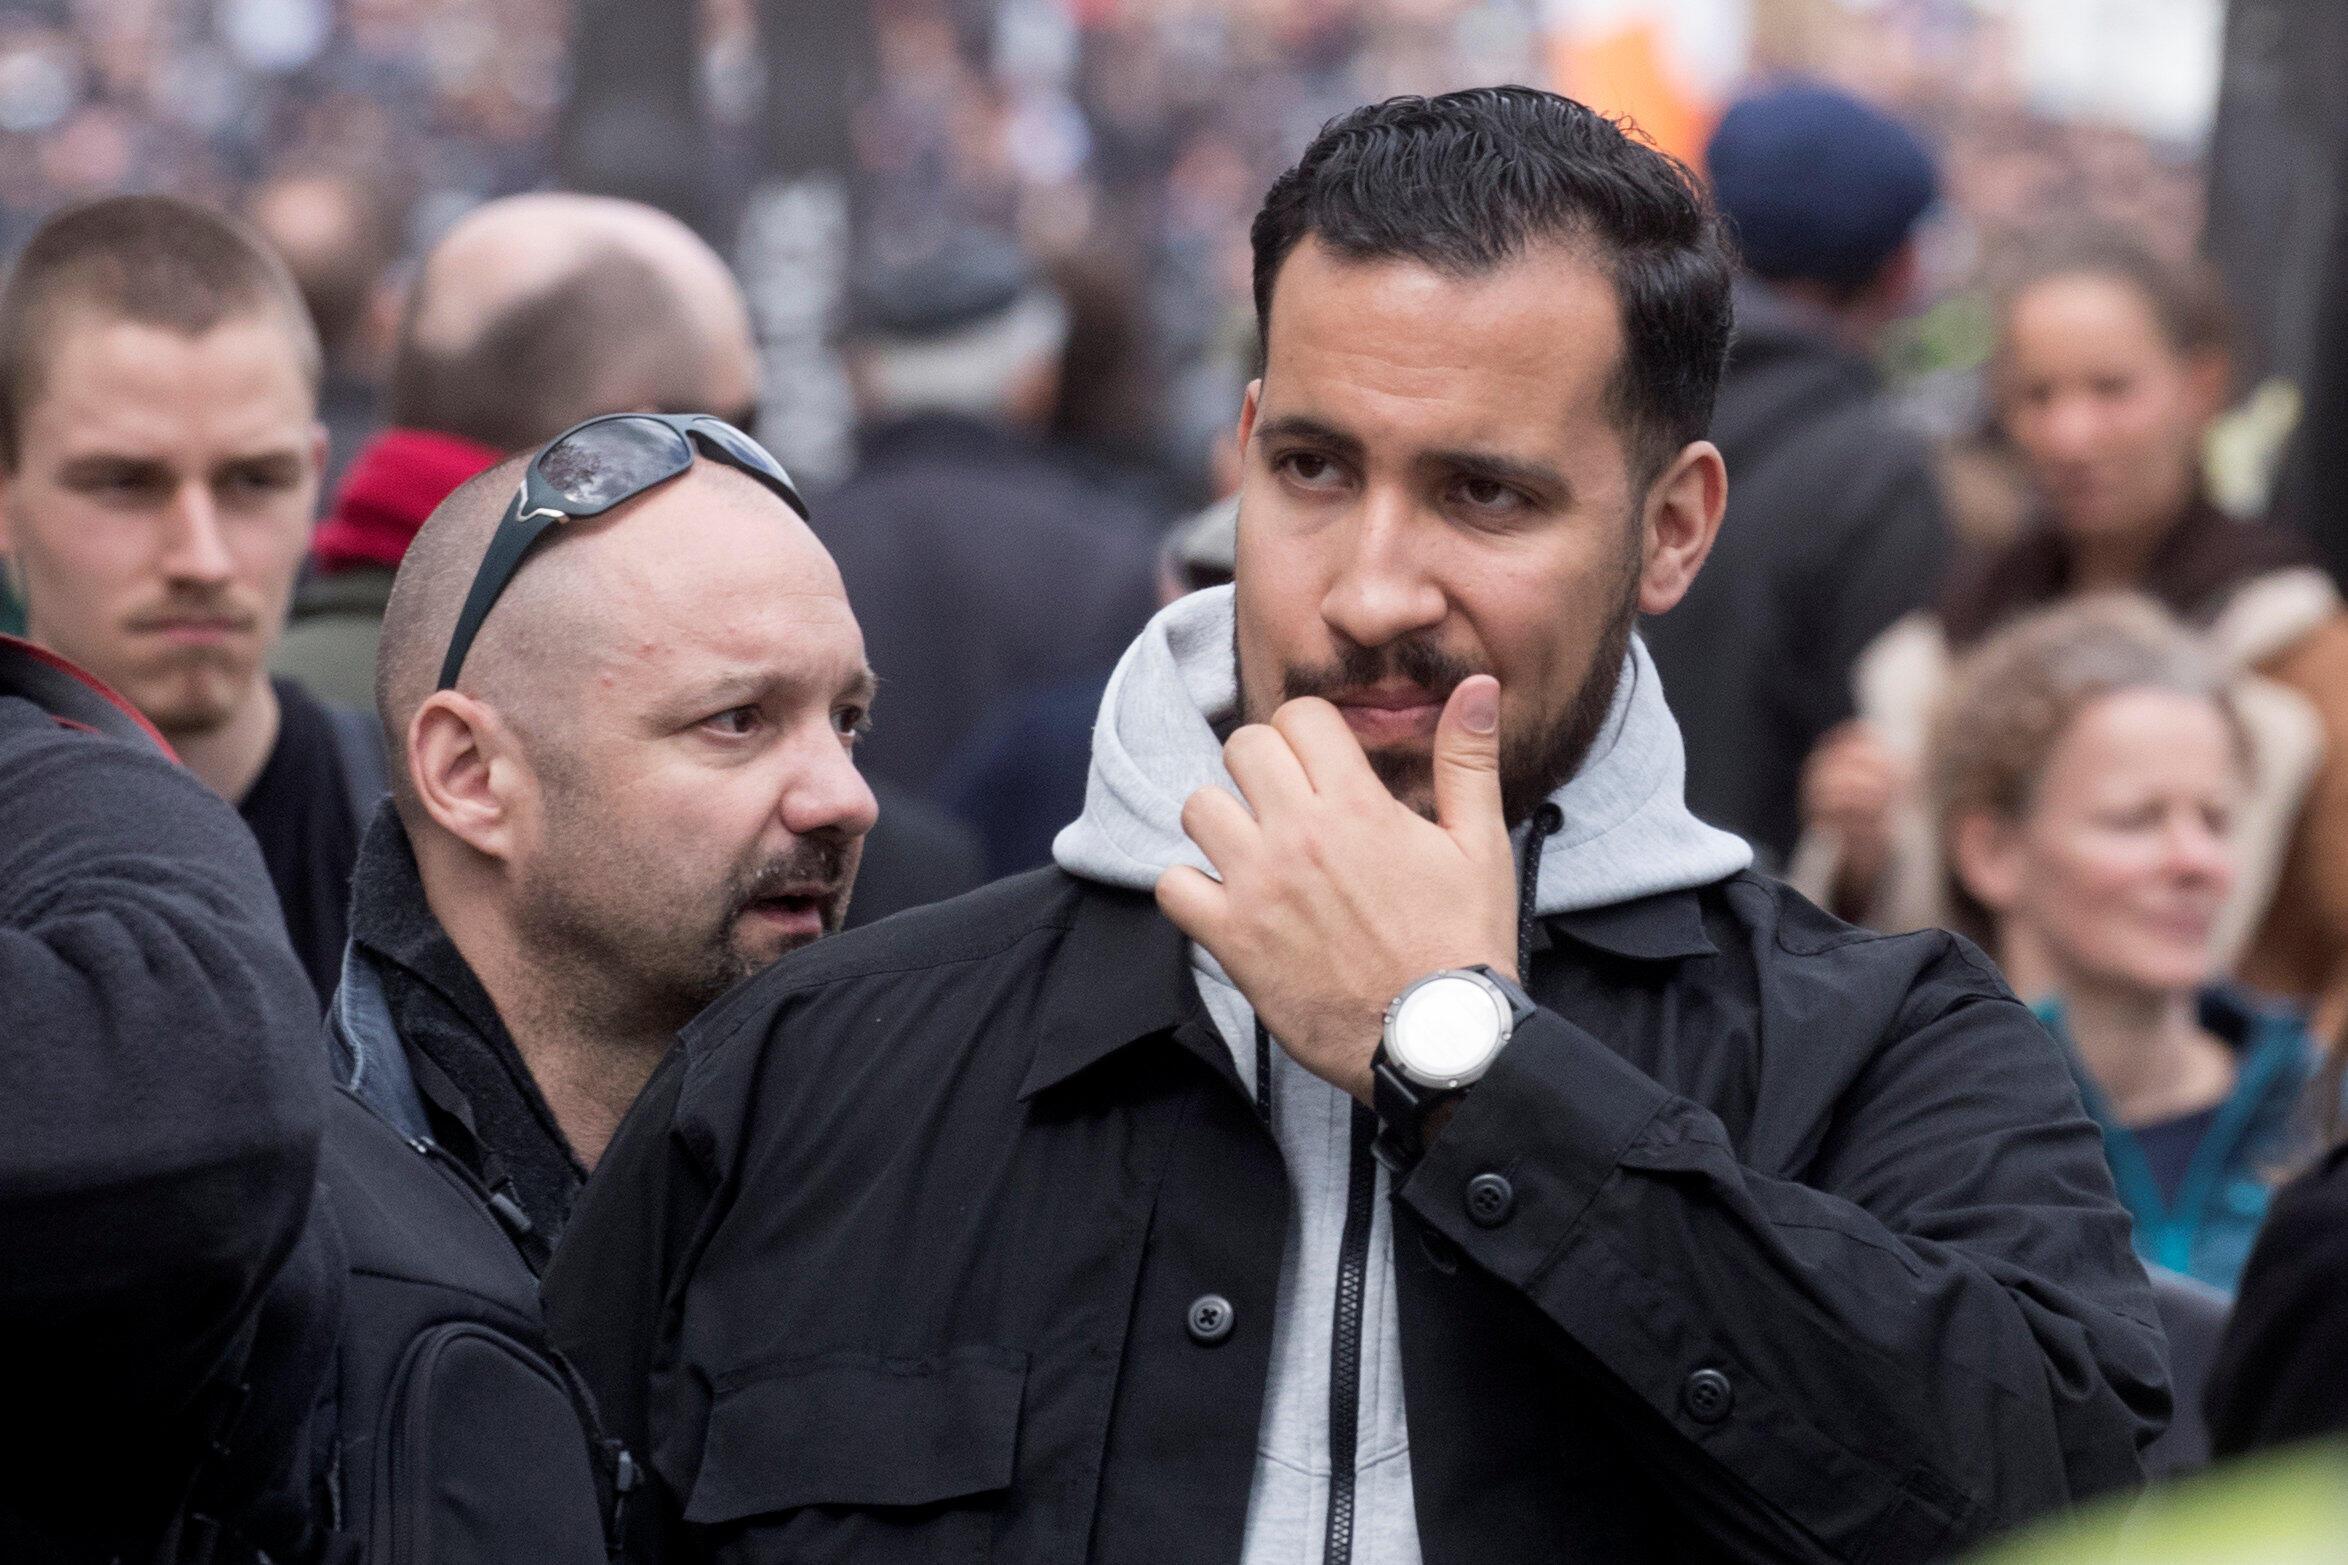 L'ex-collaborateur d'Emmanuel Macron, Alexandre Benalla, lors des manifestations du 1er-Mai à Paris.